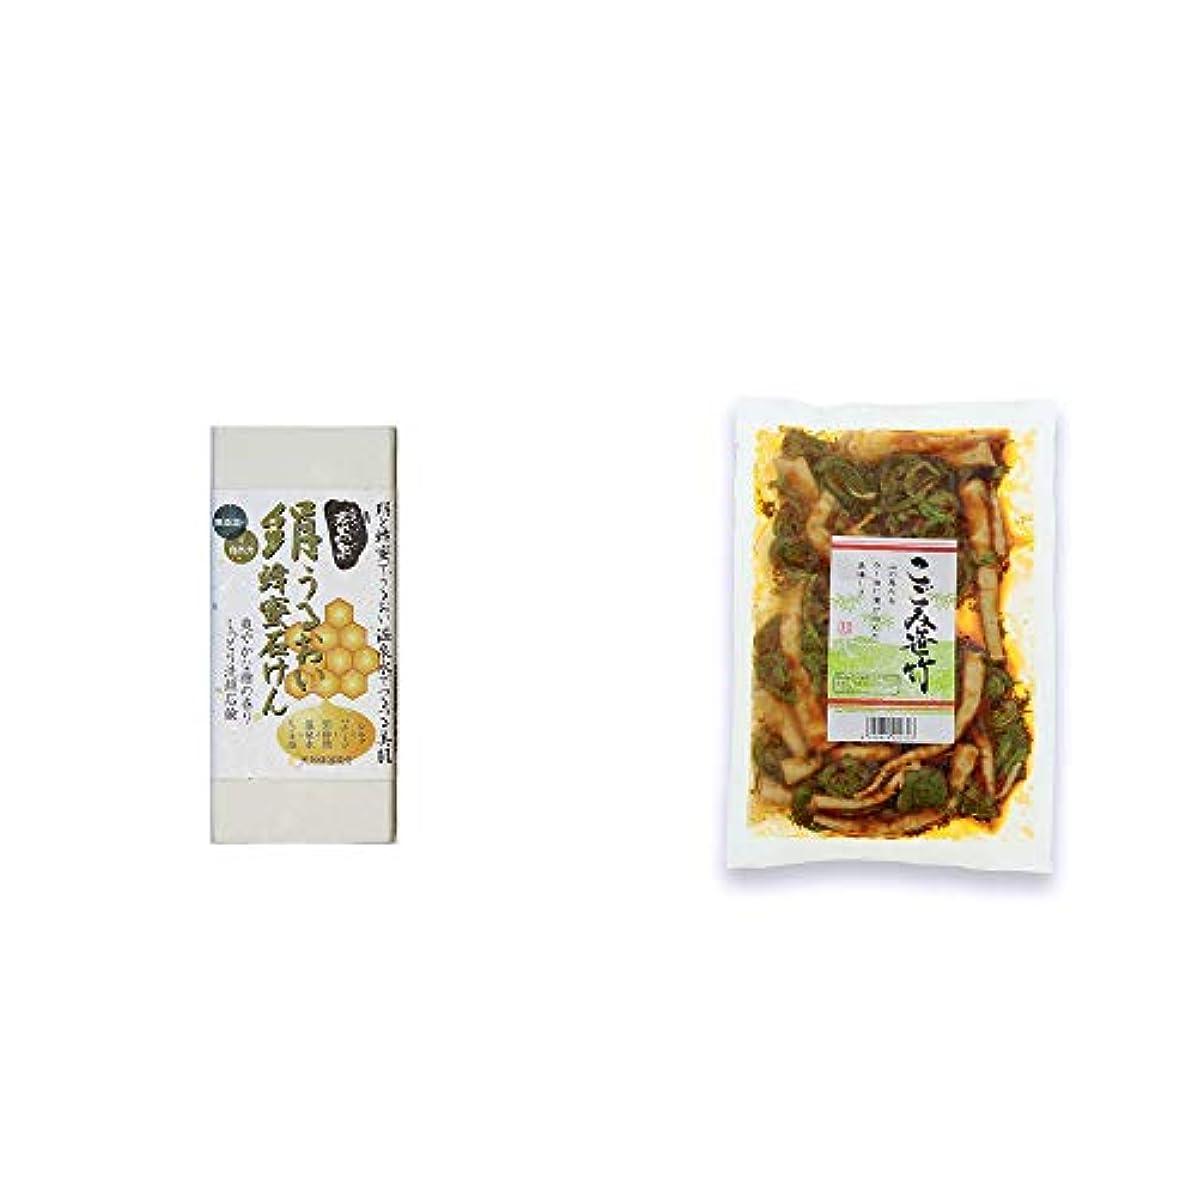 日素晴らしい良い多くのお茶[2点セット] ひのき炭黒泉 絹うるおい蜂蜜石けん(75g×2)?こごみ笹竹(250g)